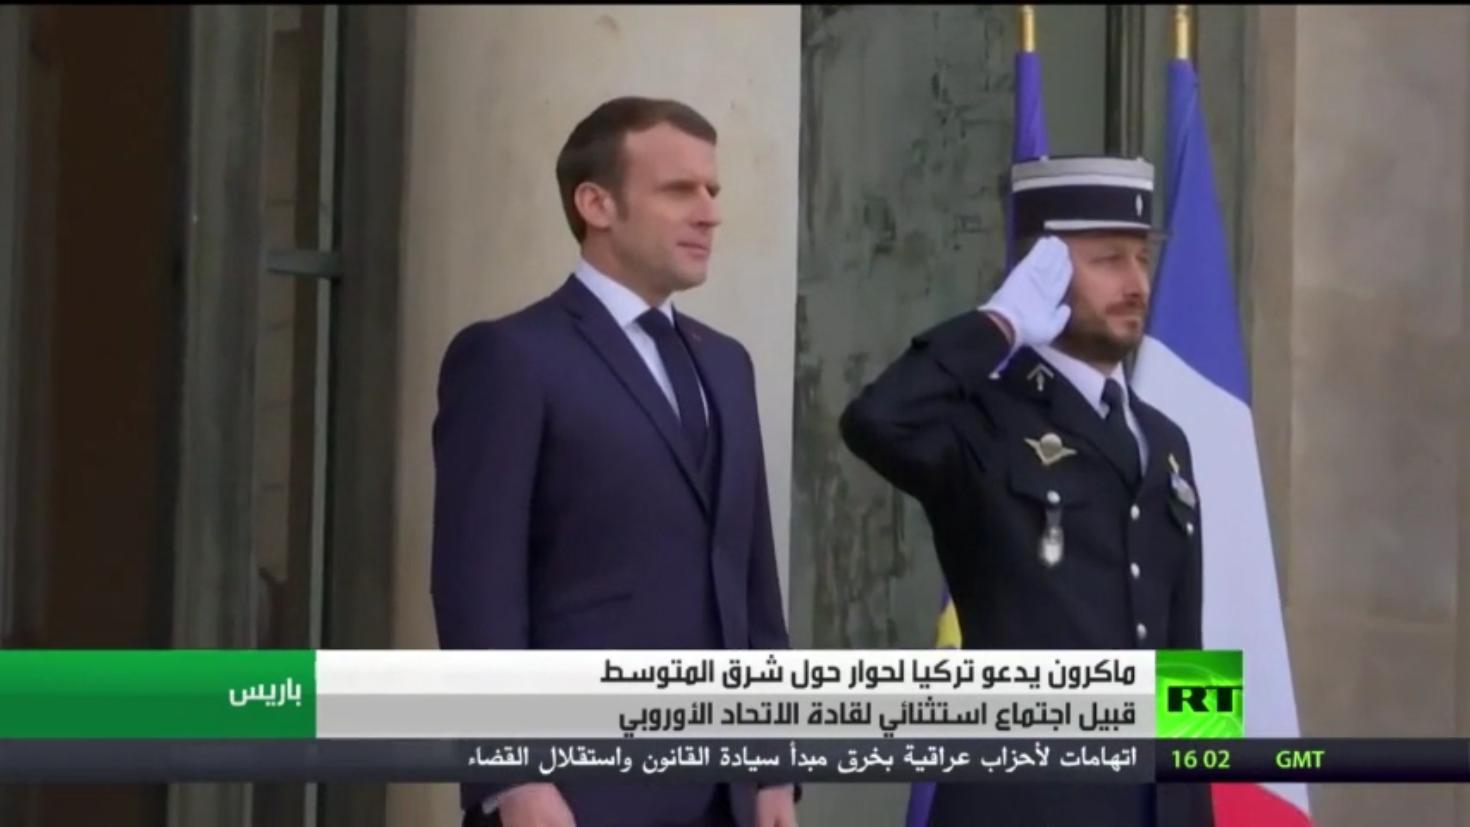 باريس تدعو أنقرة للحوار حول شرق المتوسط